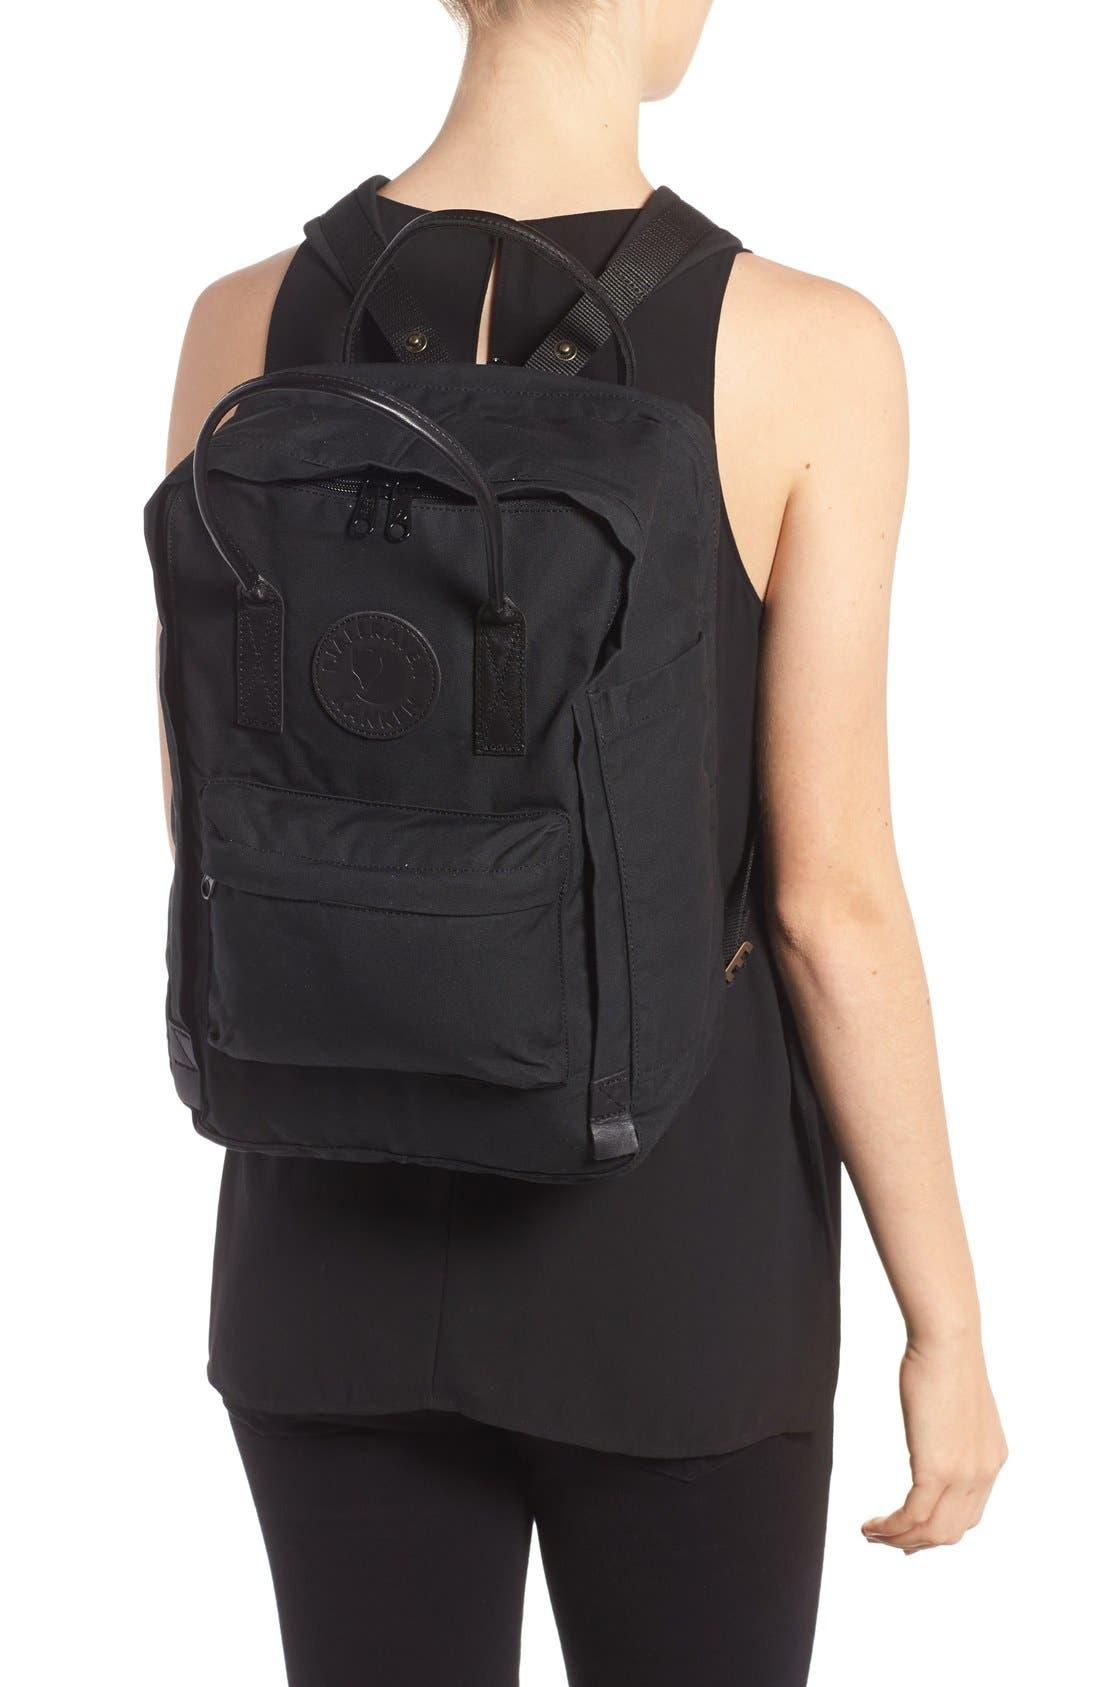 Kånken No. 2 Laptop Backpack,                             Alternate thumbnail 2, color,                             Black